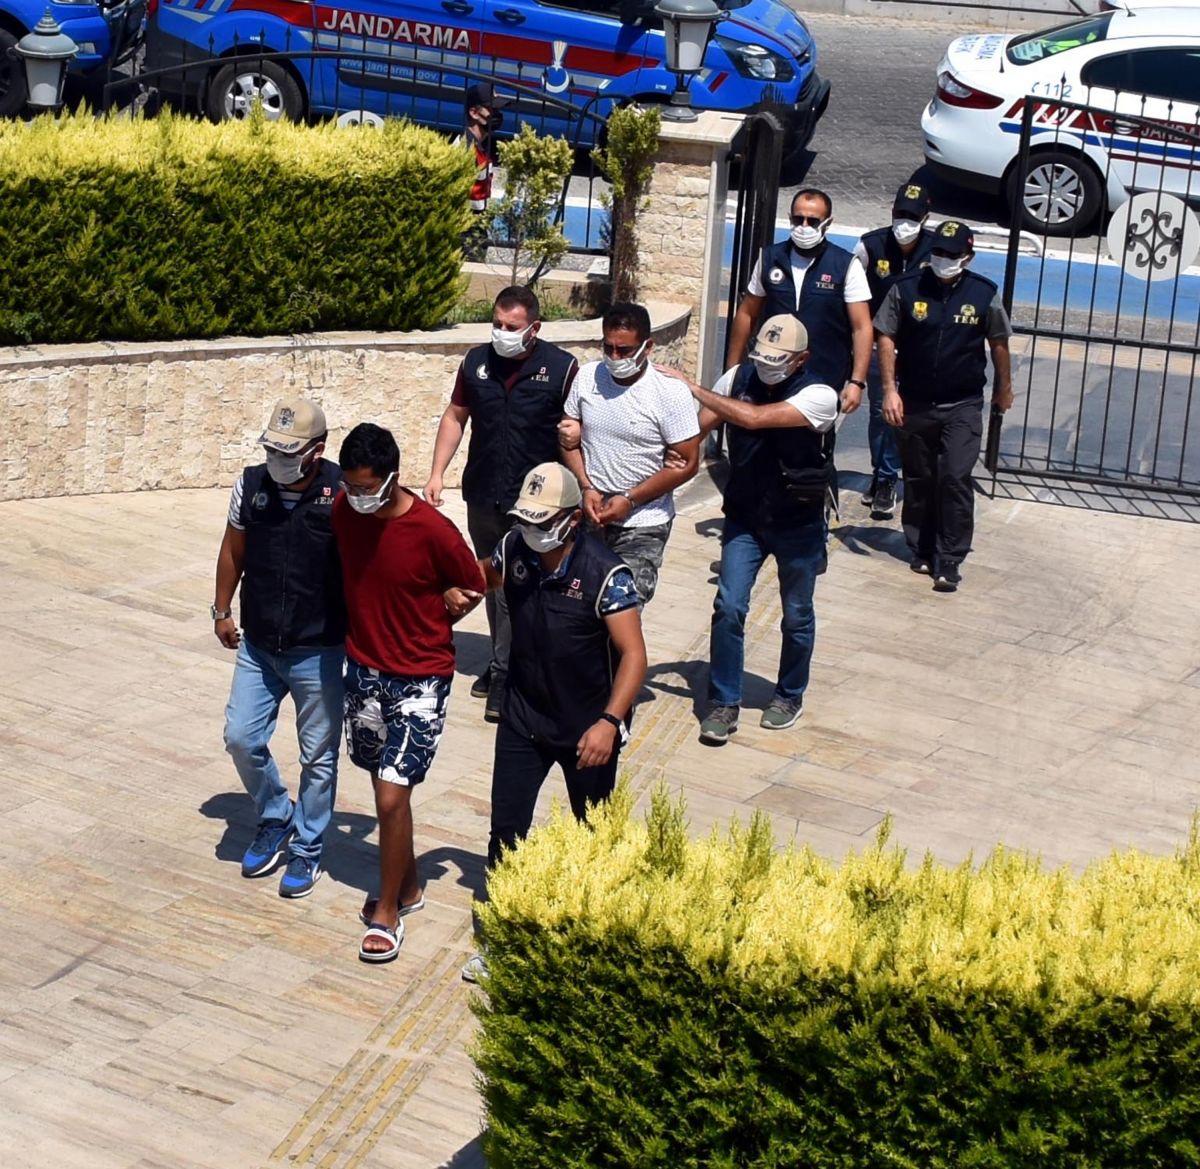 Yunanistan a kaçmaya çalışan PKK lı terörist, Marmaris te yakalandı #3